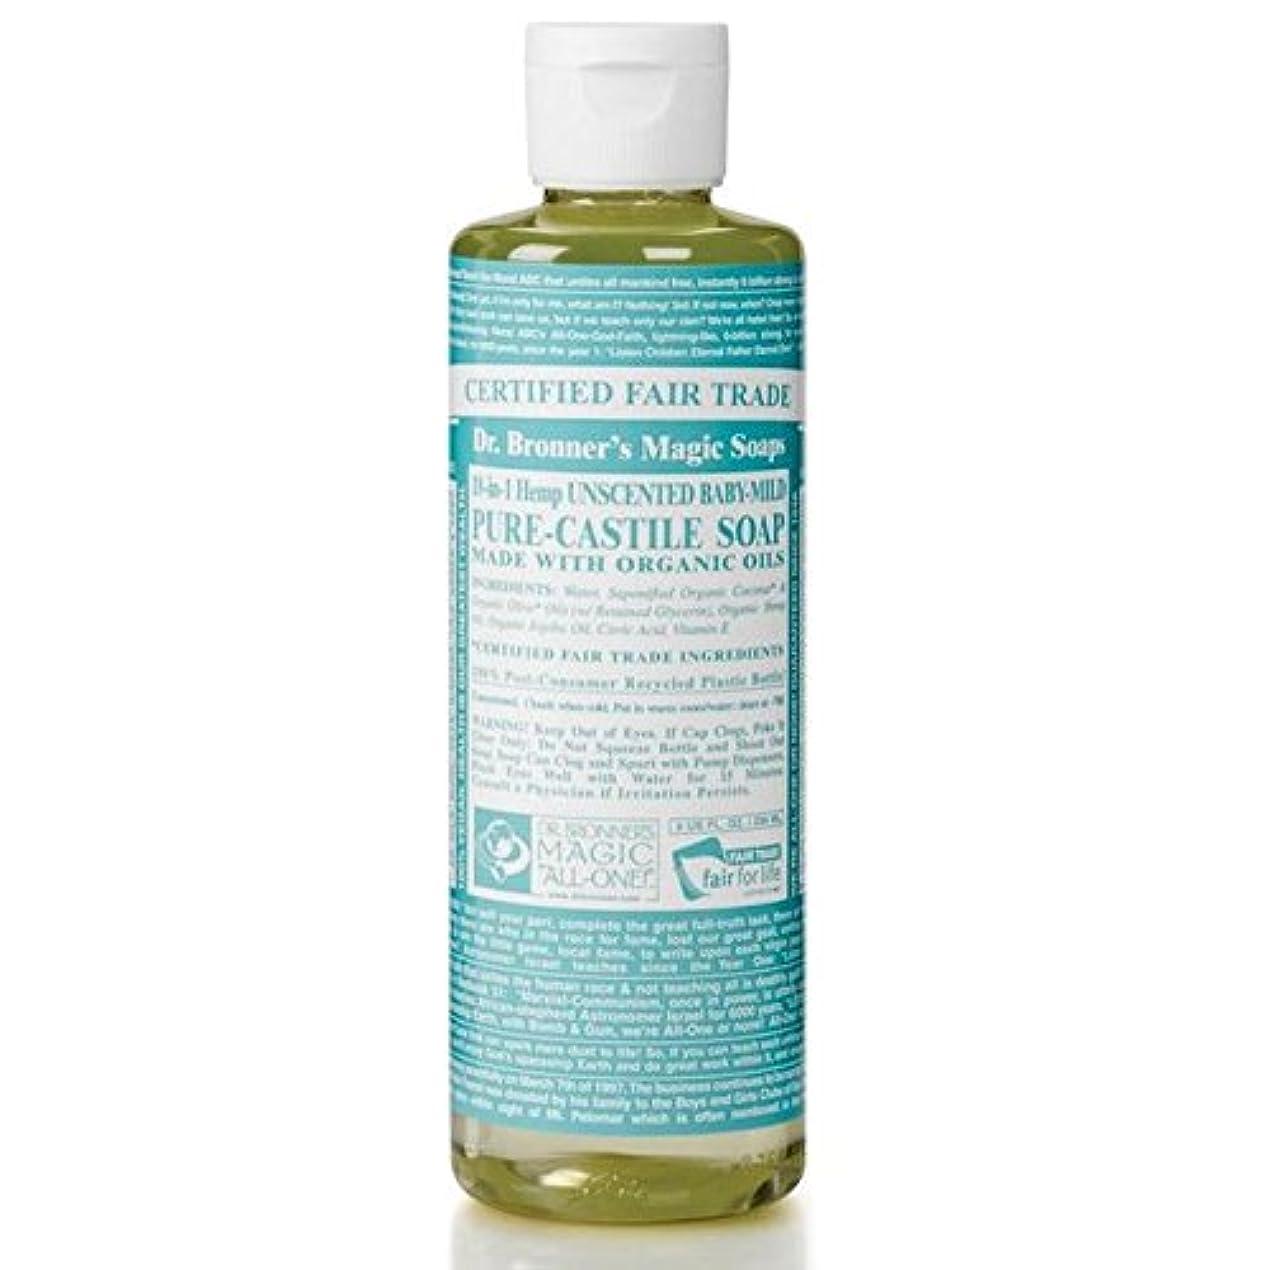 継続中エゴイズムプレビスサイトDr Bronner Organic Baby Mild Cast Liquid Soap 237ml - のブロナーオーガニックベビーマイルドなキャスト液体石鹸237ミリリットル [並行輸入品]